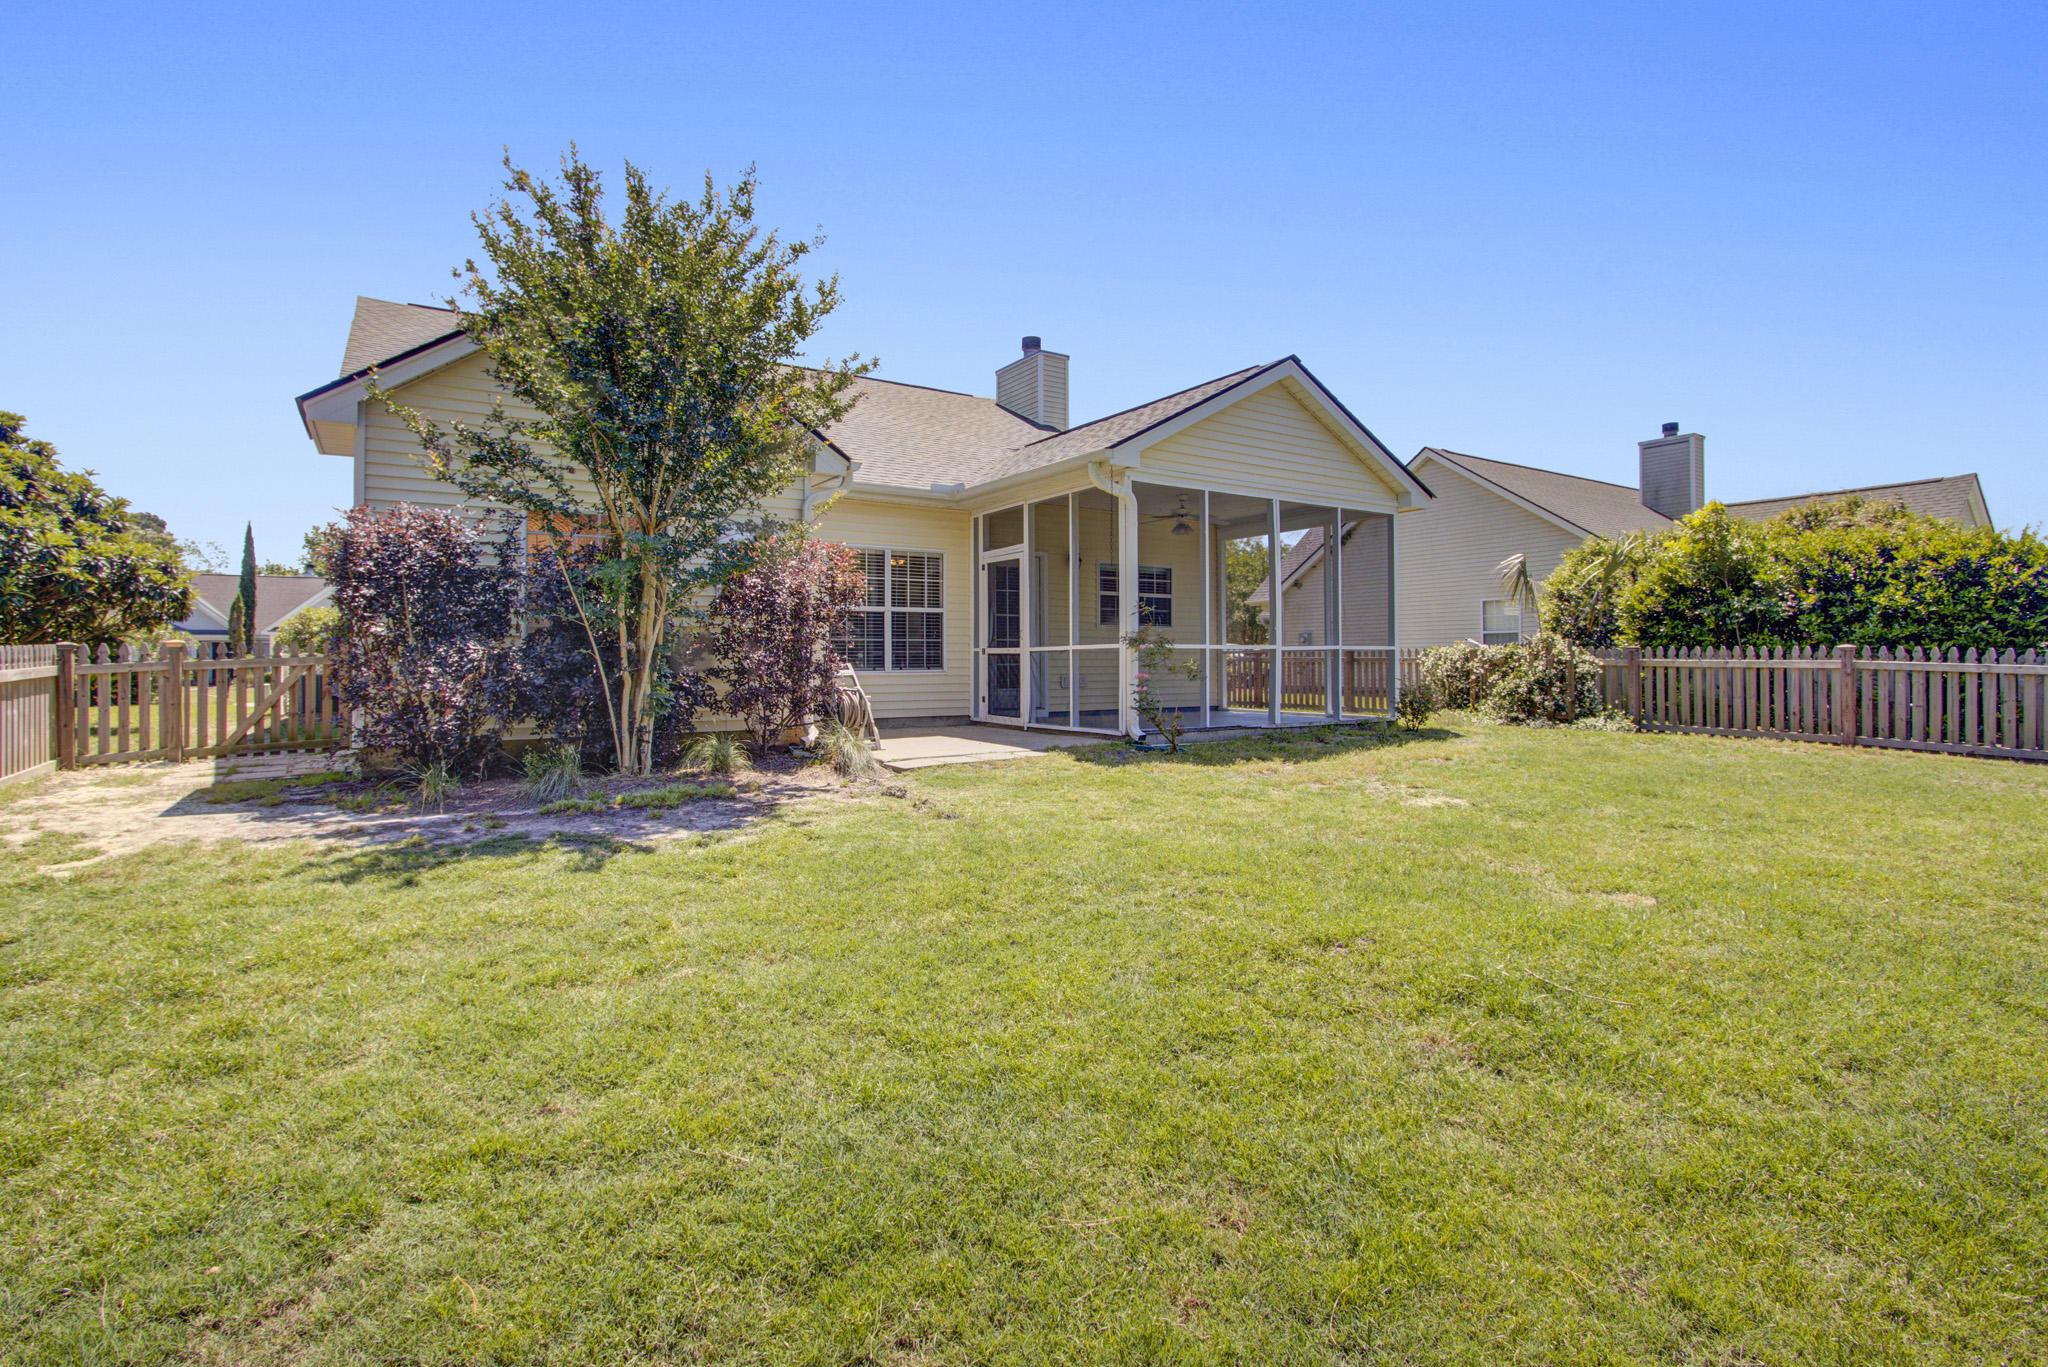 Dunes West Homes For Sale - 1645 Pin Oak Cut, Mount Pleasant, SC - 11